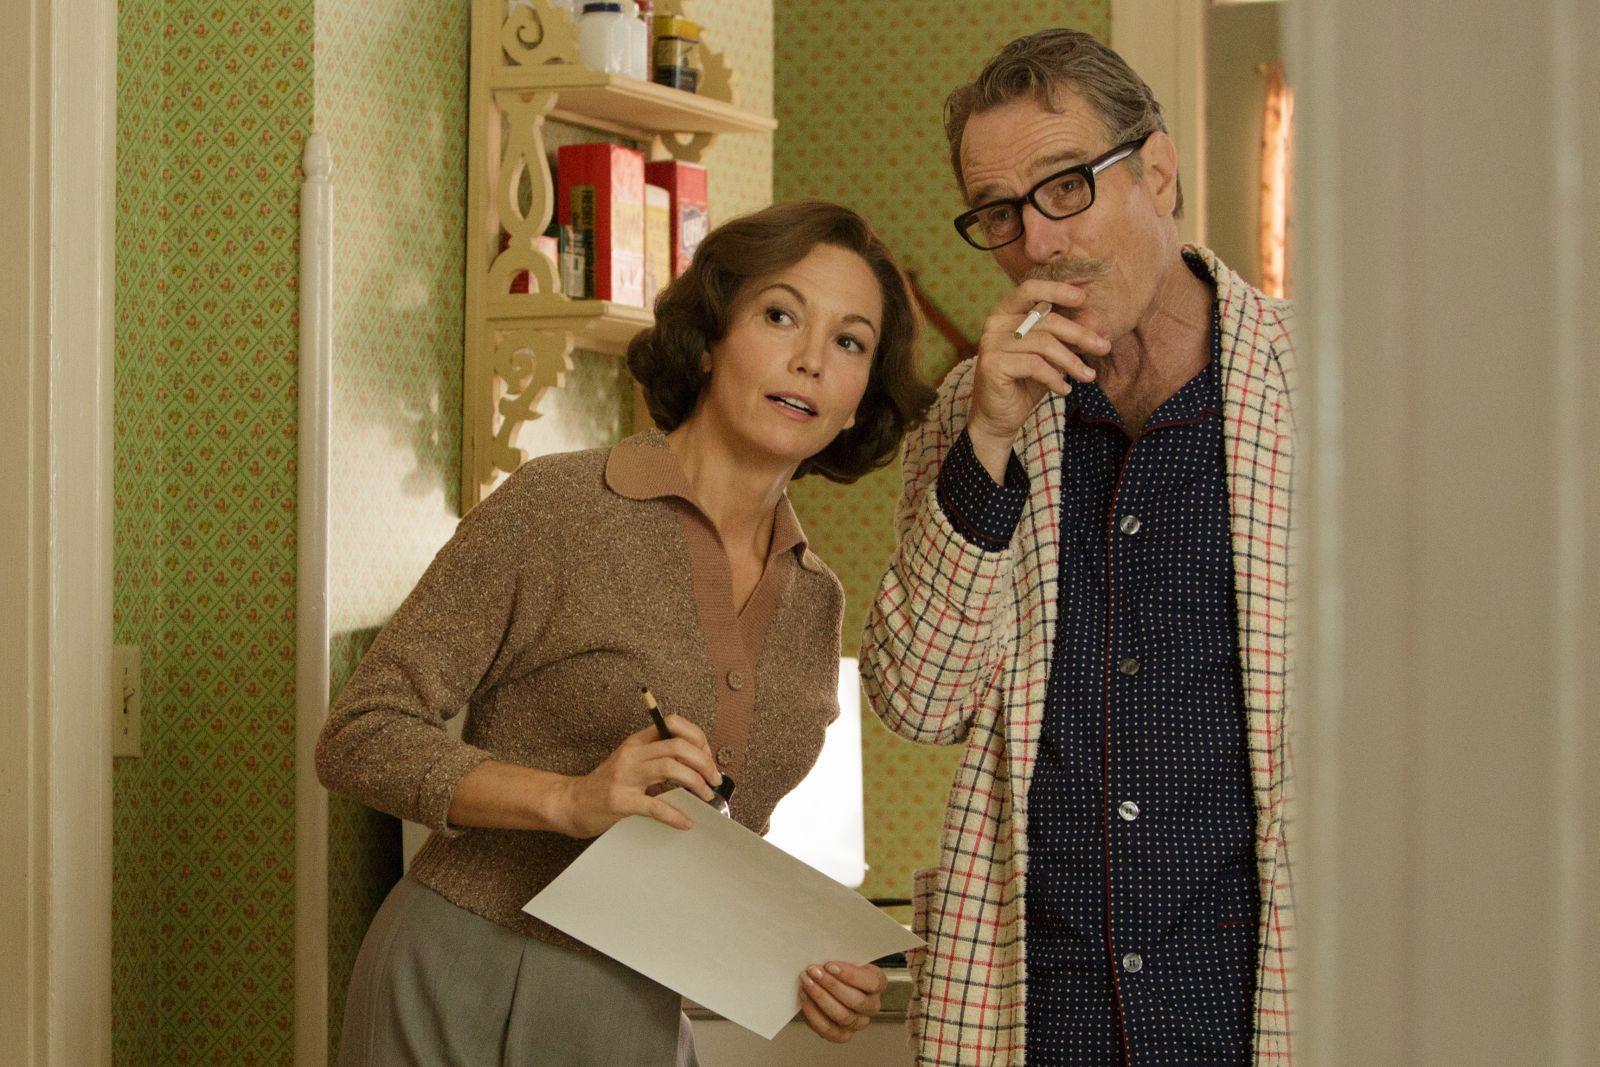 L'ultima parola - La vera storia di Dalton Trumbo: Diane Lane e Bryan Cranston in una scena del film